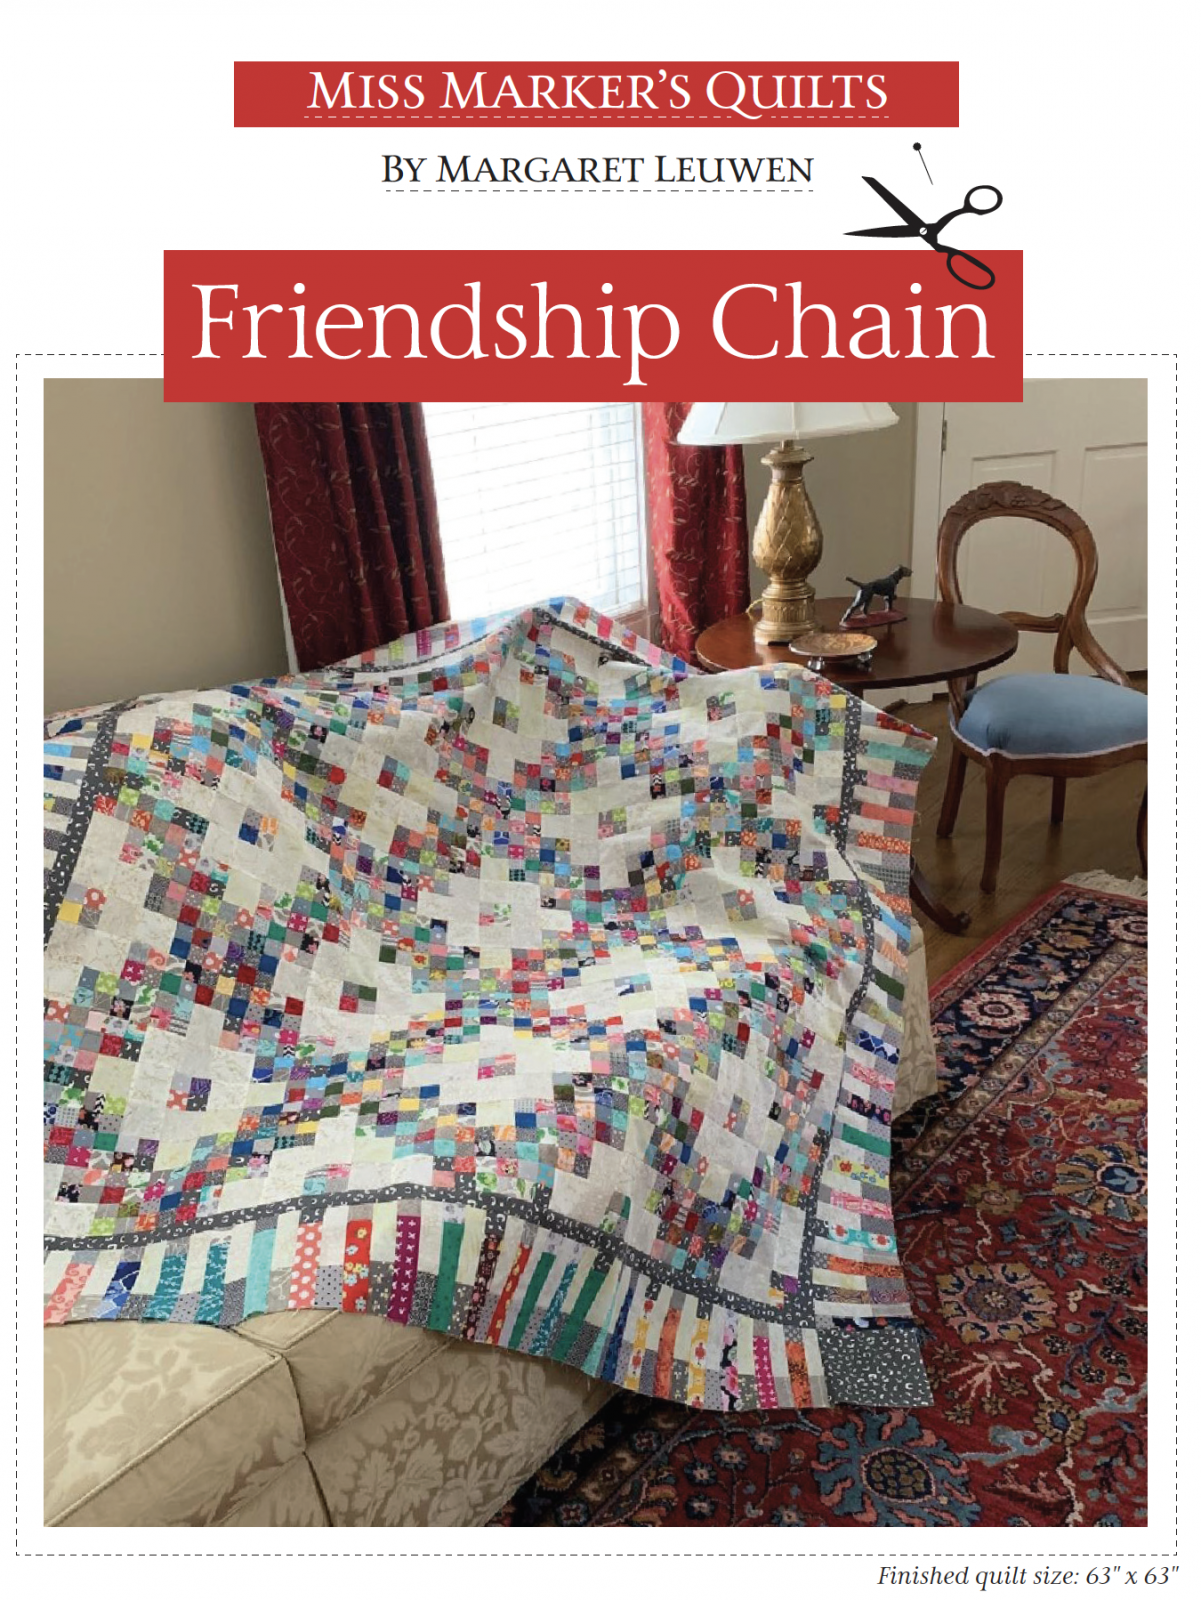 Friendship Chain Quilt Pattern (Digital)